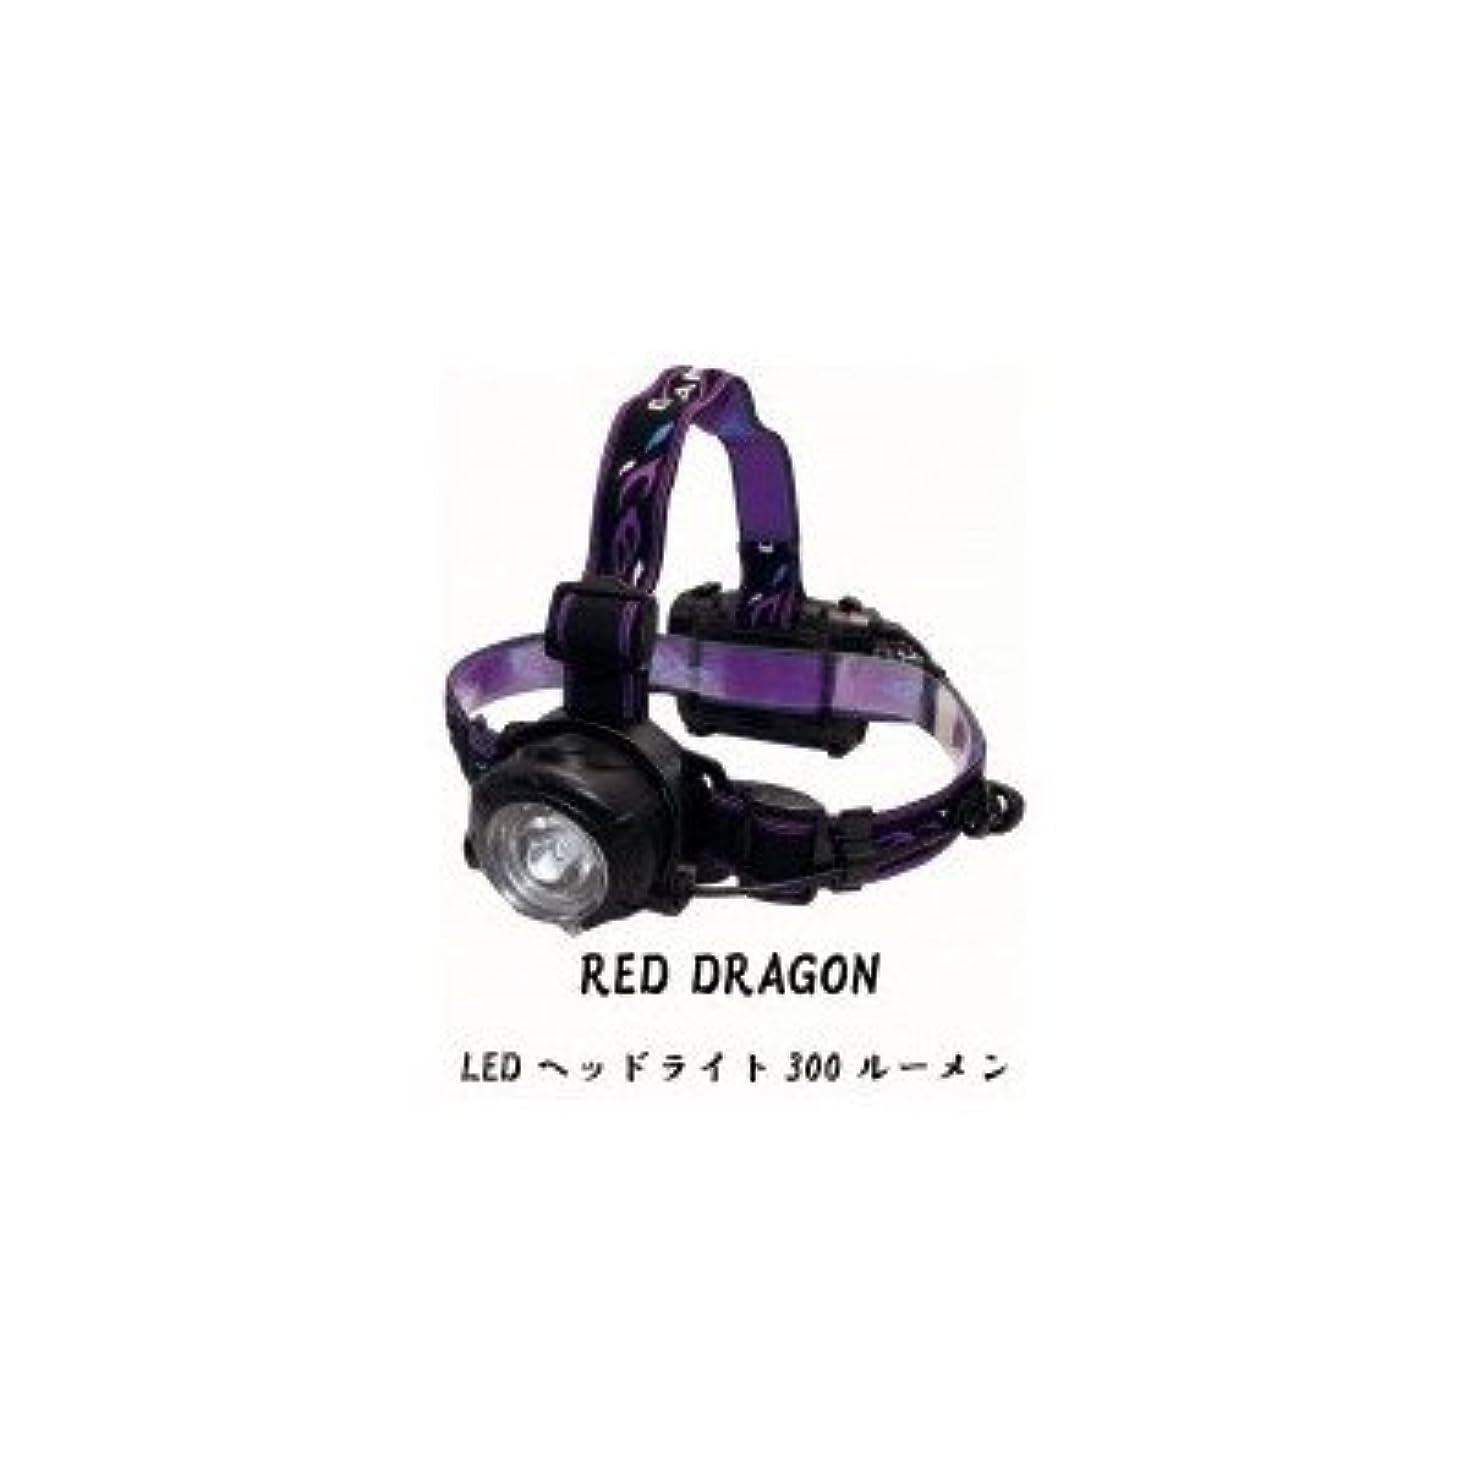 振動する私達導入するRED DRAGON(レッドドラゴン) LEDヘッドライト 300ルーメン RDH-01